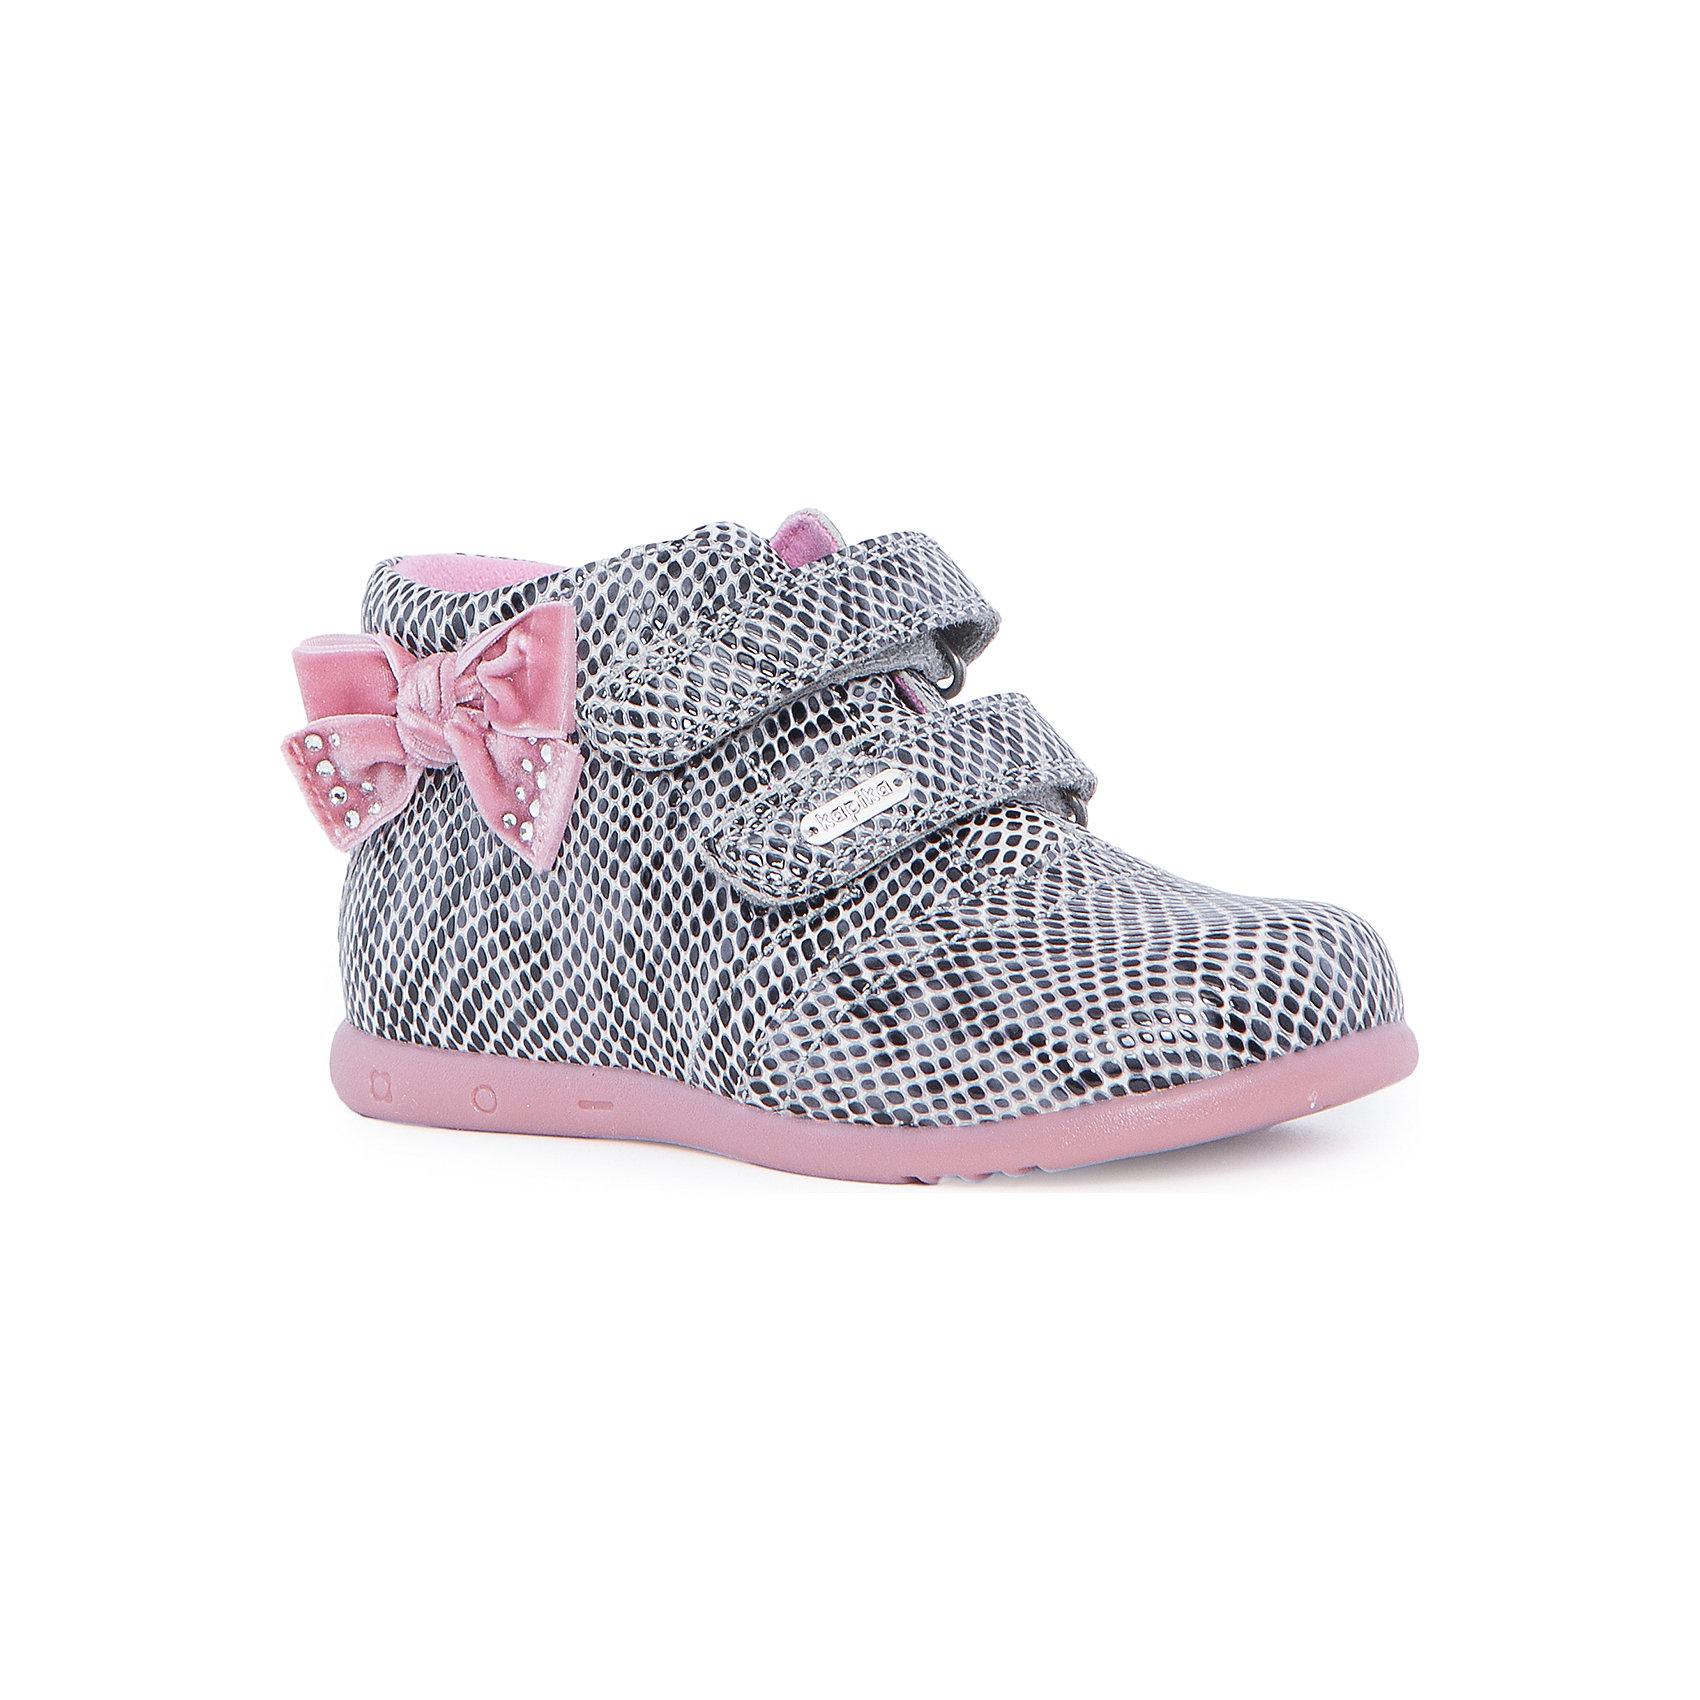 Ботинки для девочки KAPIKAБотинки<br>Ботинки для девочки KAPIKA – стиль, удобство и комфорт.<br>Красивые ботиночки из натуральной кожи сделаны со специальным супинатором, который делает носку комфортной. Стелька и подкладка также из натуральной кожи. Ботиночки застегиваются с помощью двух липучек. Сбоку есть модный бантик для особенных красавиц.<br><br>Дополнительная информация:<br><br>- материал верха: натуральная кожа, нубук<br>- материал подкладки: натуральная кожа<br>- цвет: розовый<br><br>Ботинки для девочки KAPIKA можно купить в нашем интернет магазине.<br><br>Ширина мм: 262<br>Глубина мм: 176<br>Высота мм: 97<br>Вес г: 427<br>Цвет: серый<br>Возраст от месяцев: 24<br>Возраст до месяцев: 36<br>Пол: Женский<br>Возраст: Детский<br>Размер: 26,25,27,28<br>SKU: 4988029